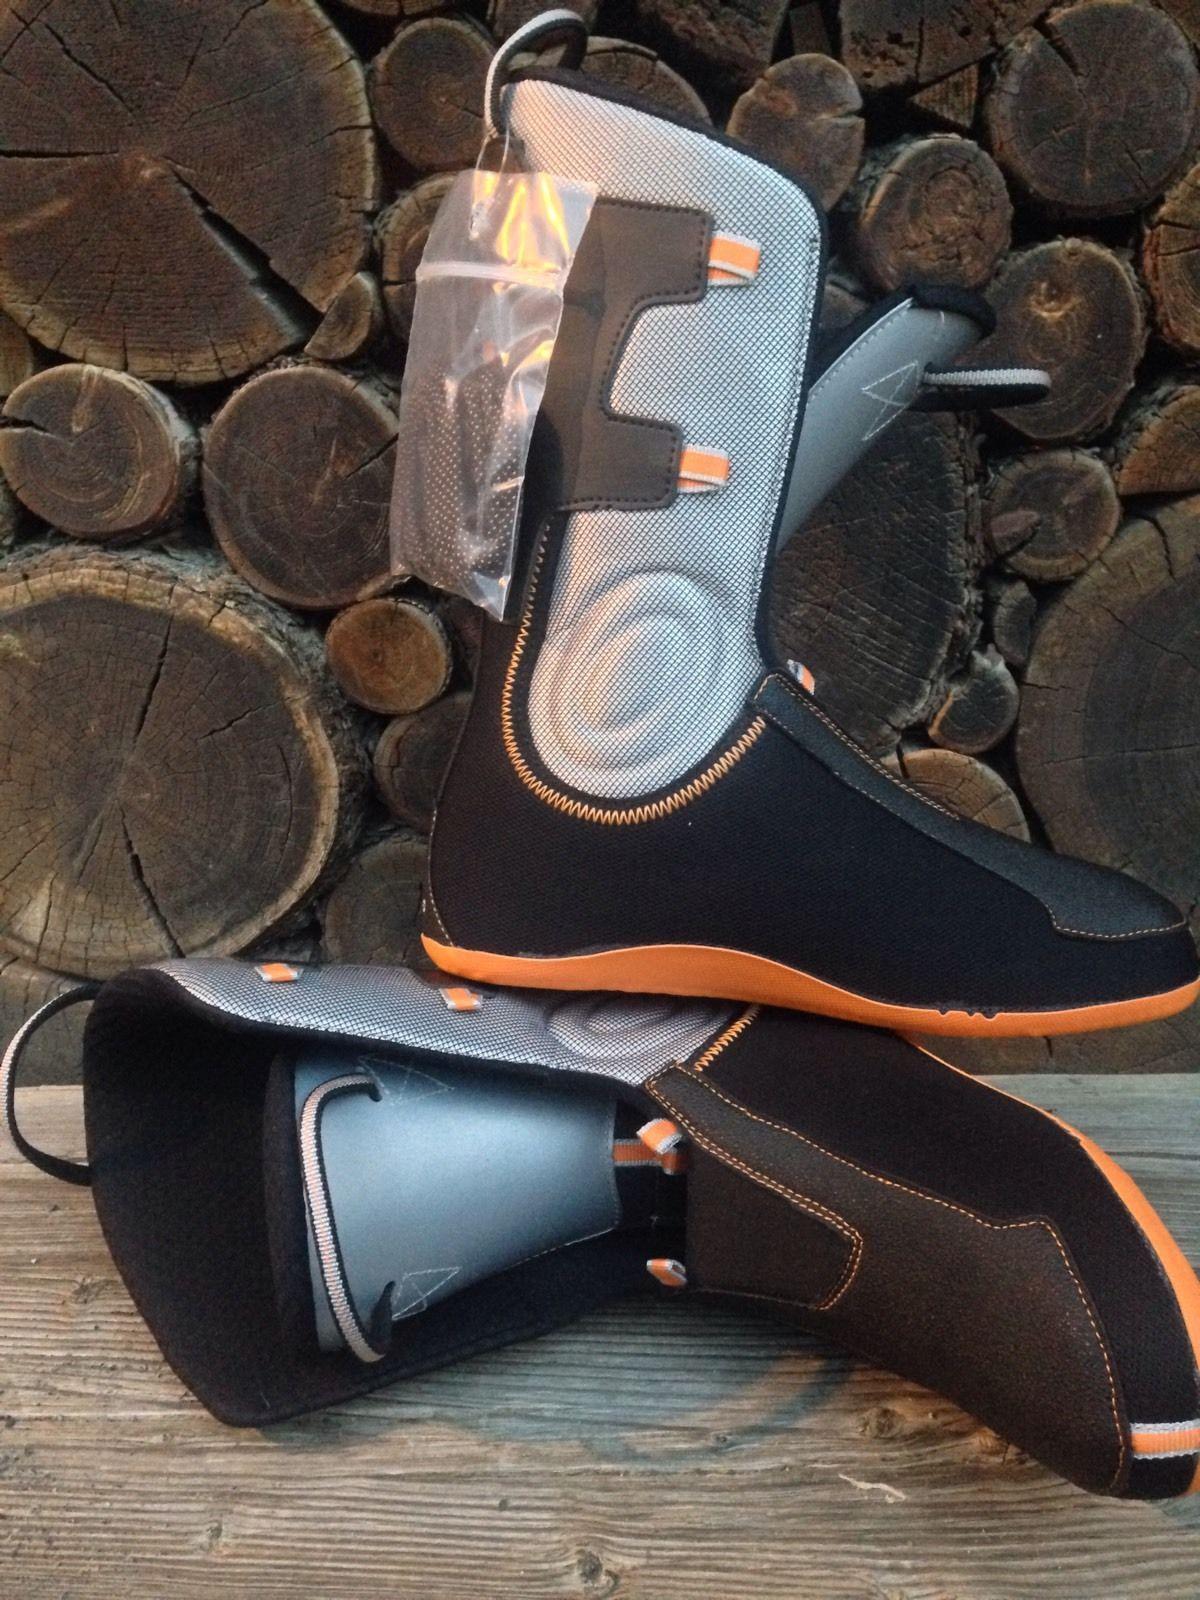 Scarpette interne UNIVERSALI per scarponi da sci UNIVERSAL liners innerstivali ski